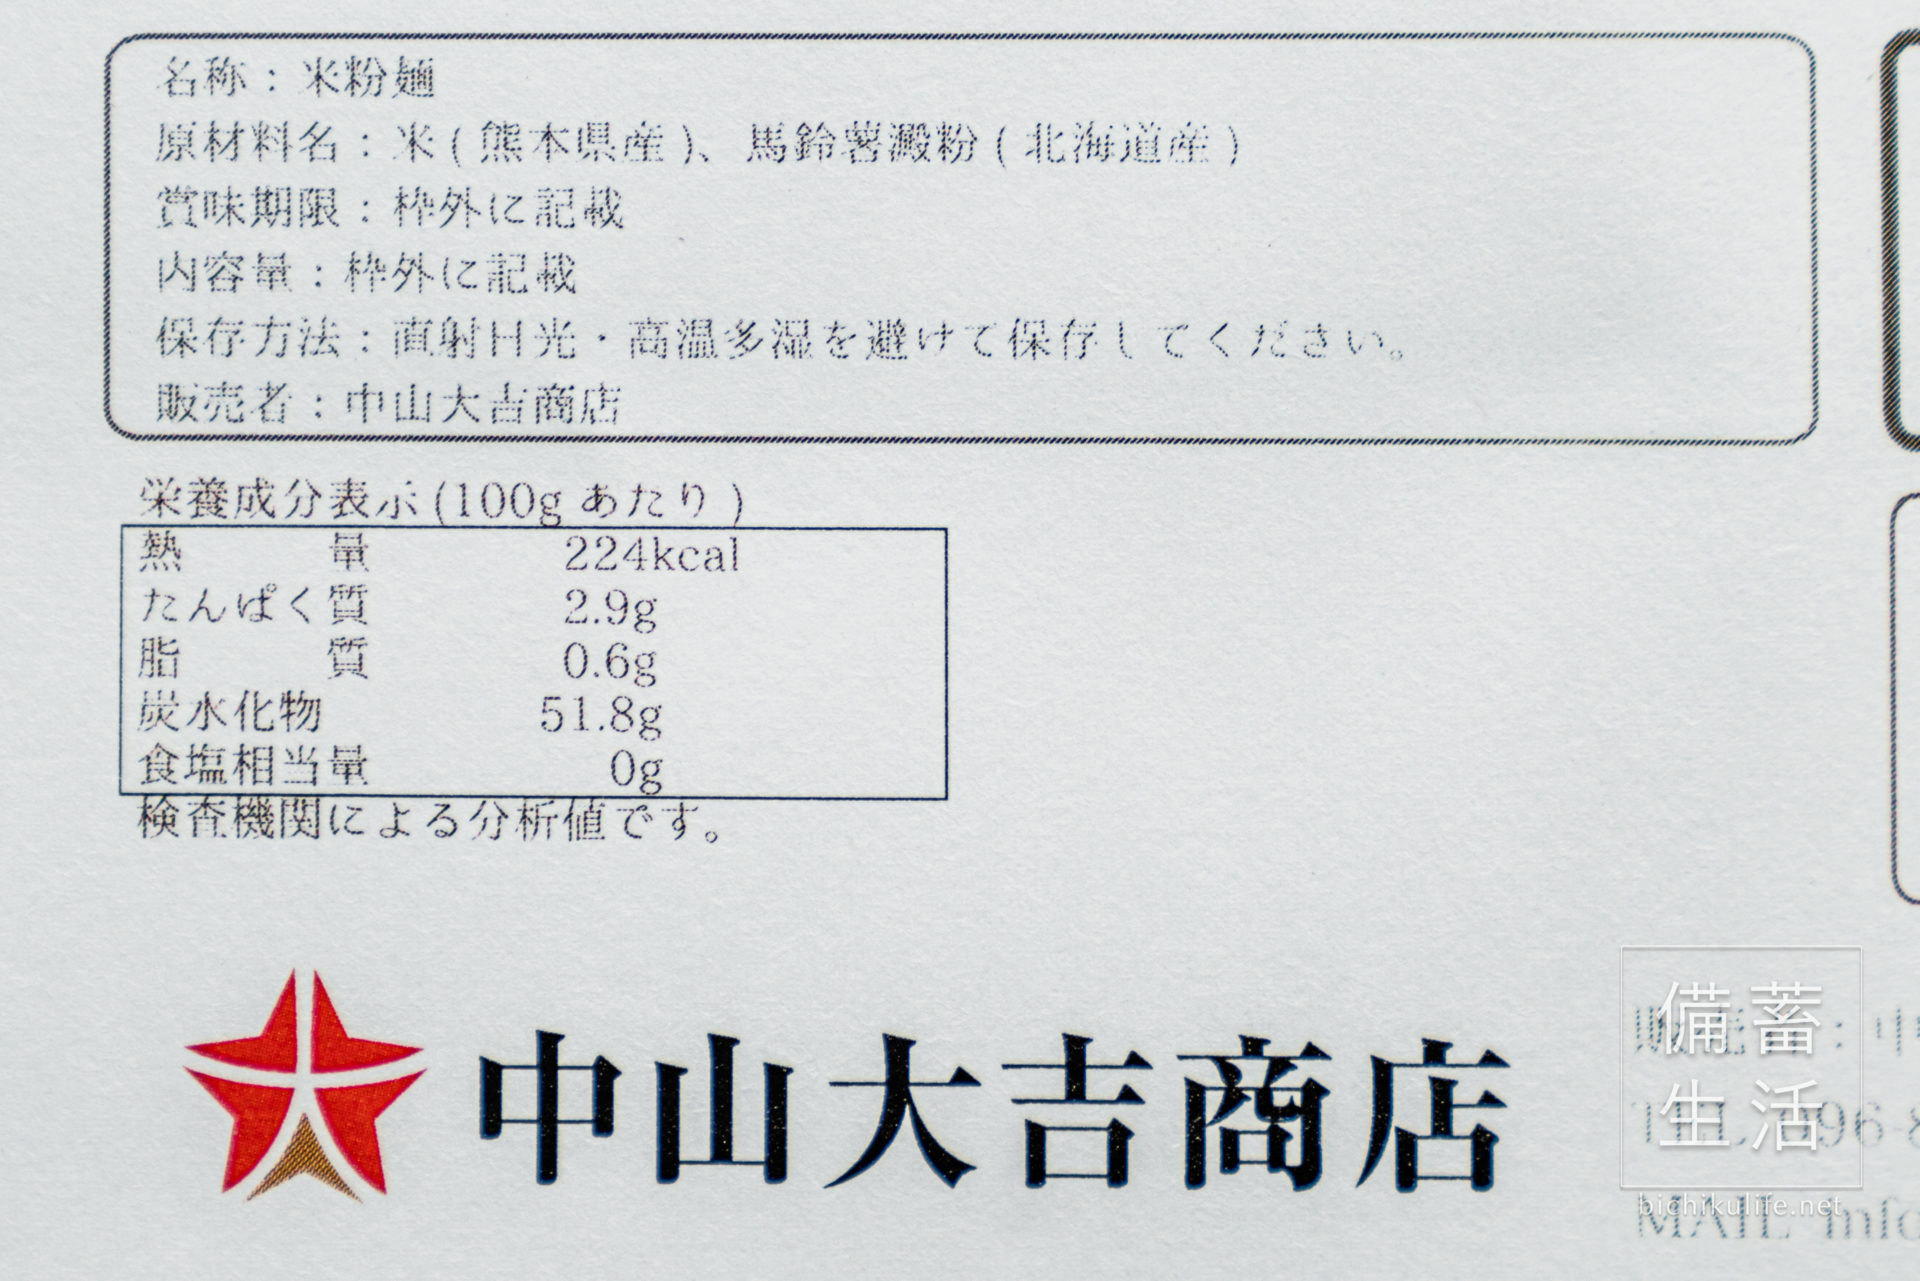 米粉麺 グルテンフリー 熊本県産米粉麺、商品概要